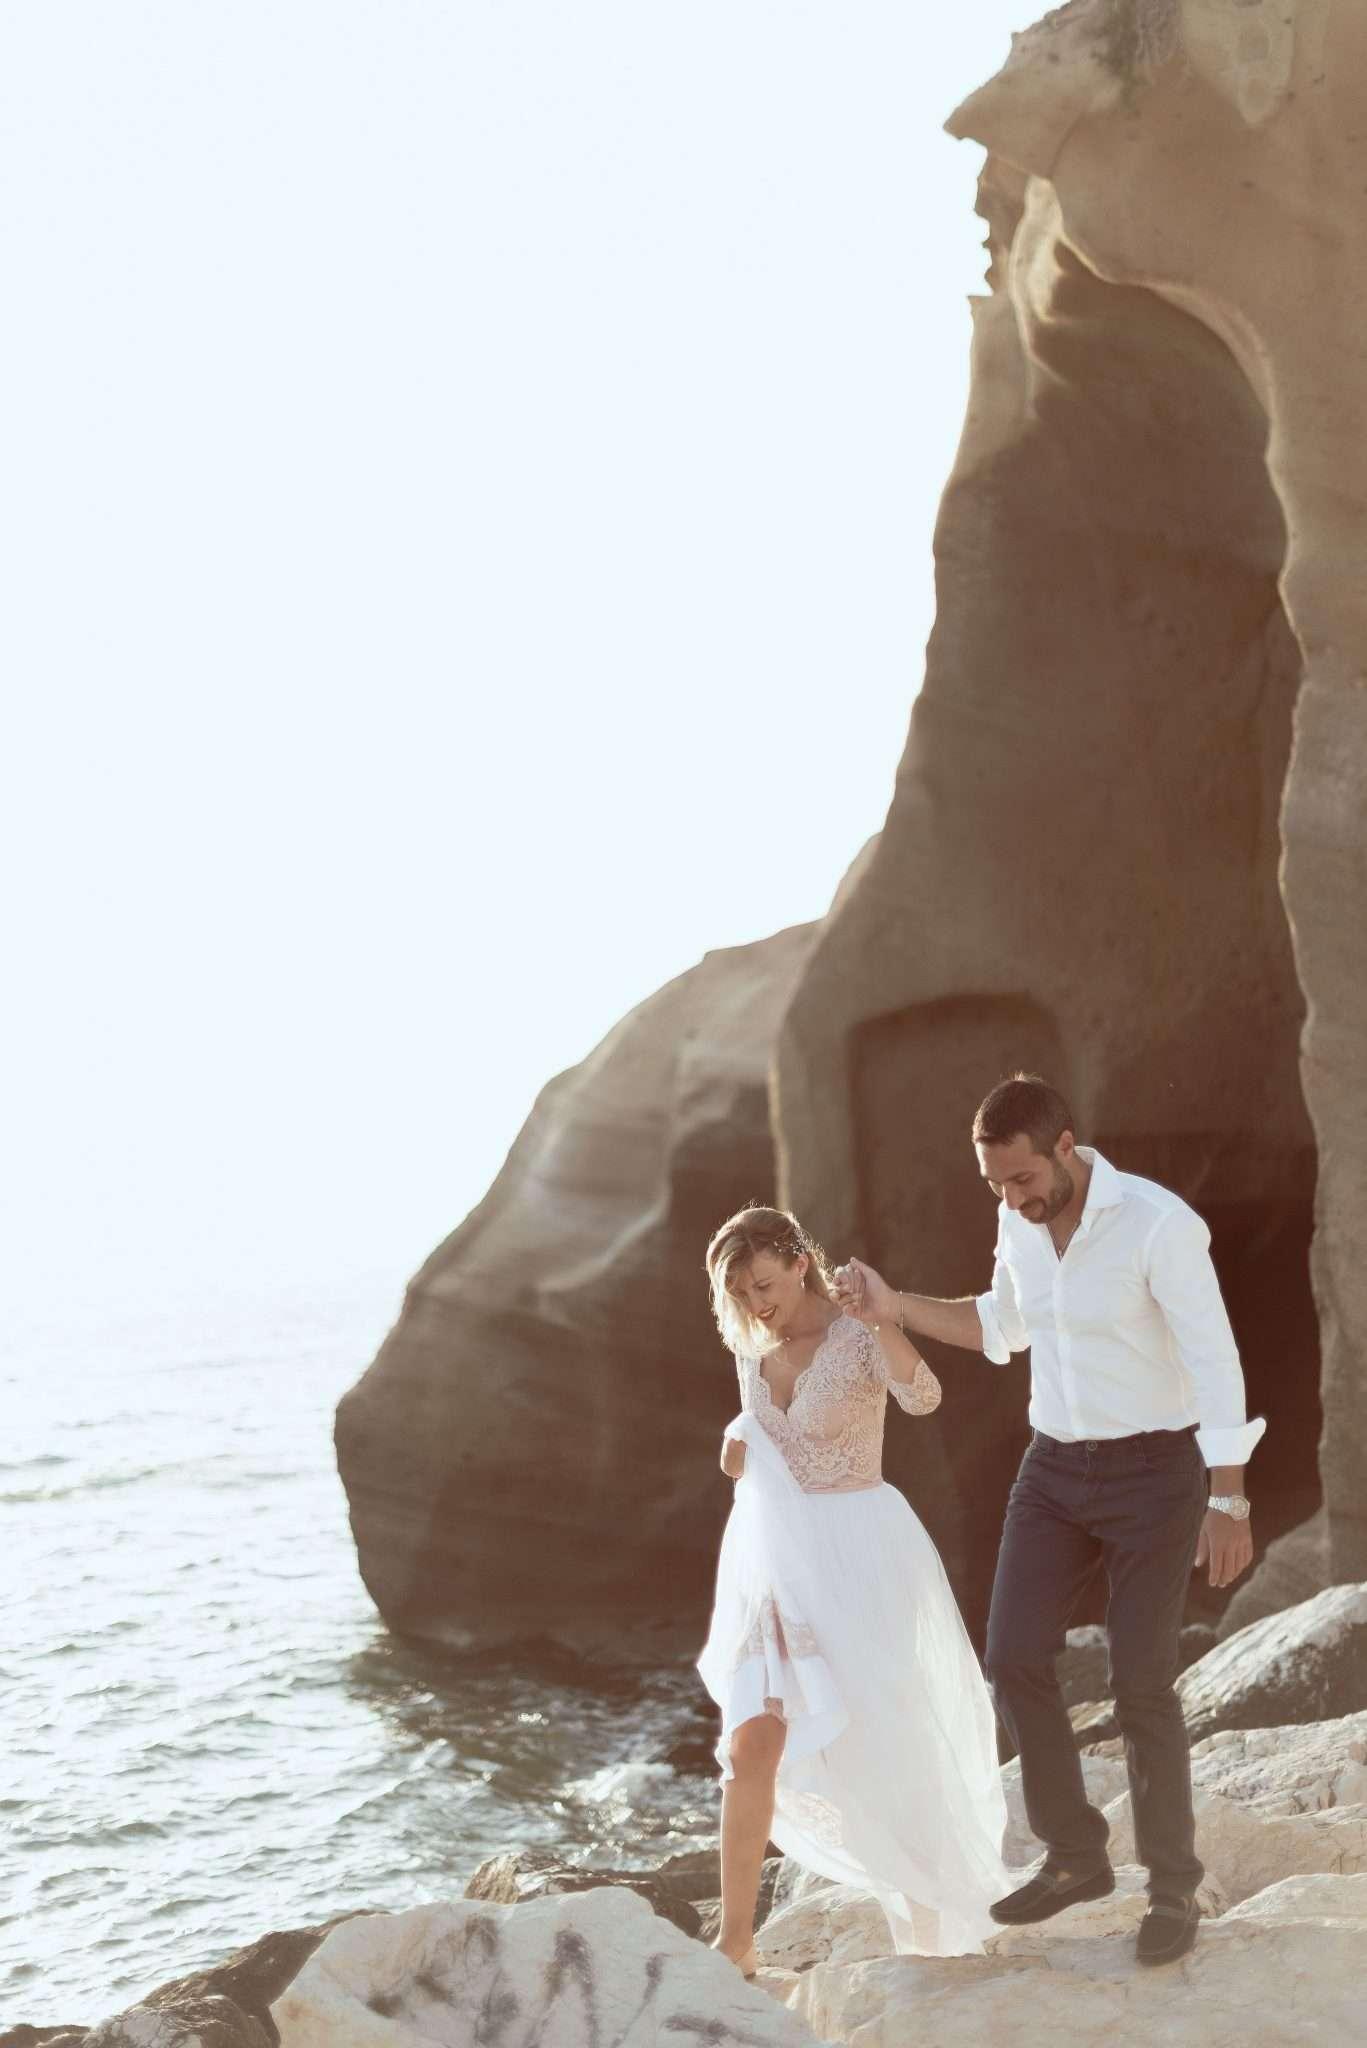 Fotografia sposi sugli scogli - wedding reportage realizzata da Barbara Trincone fotografa con studio a Pozzuoli - Napoli